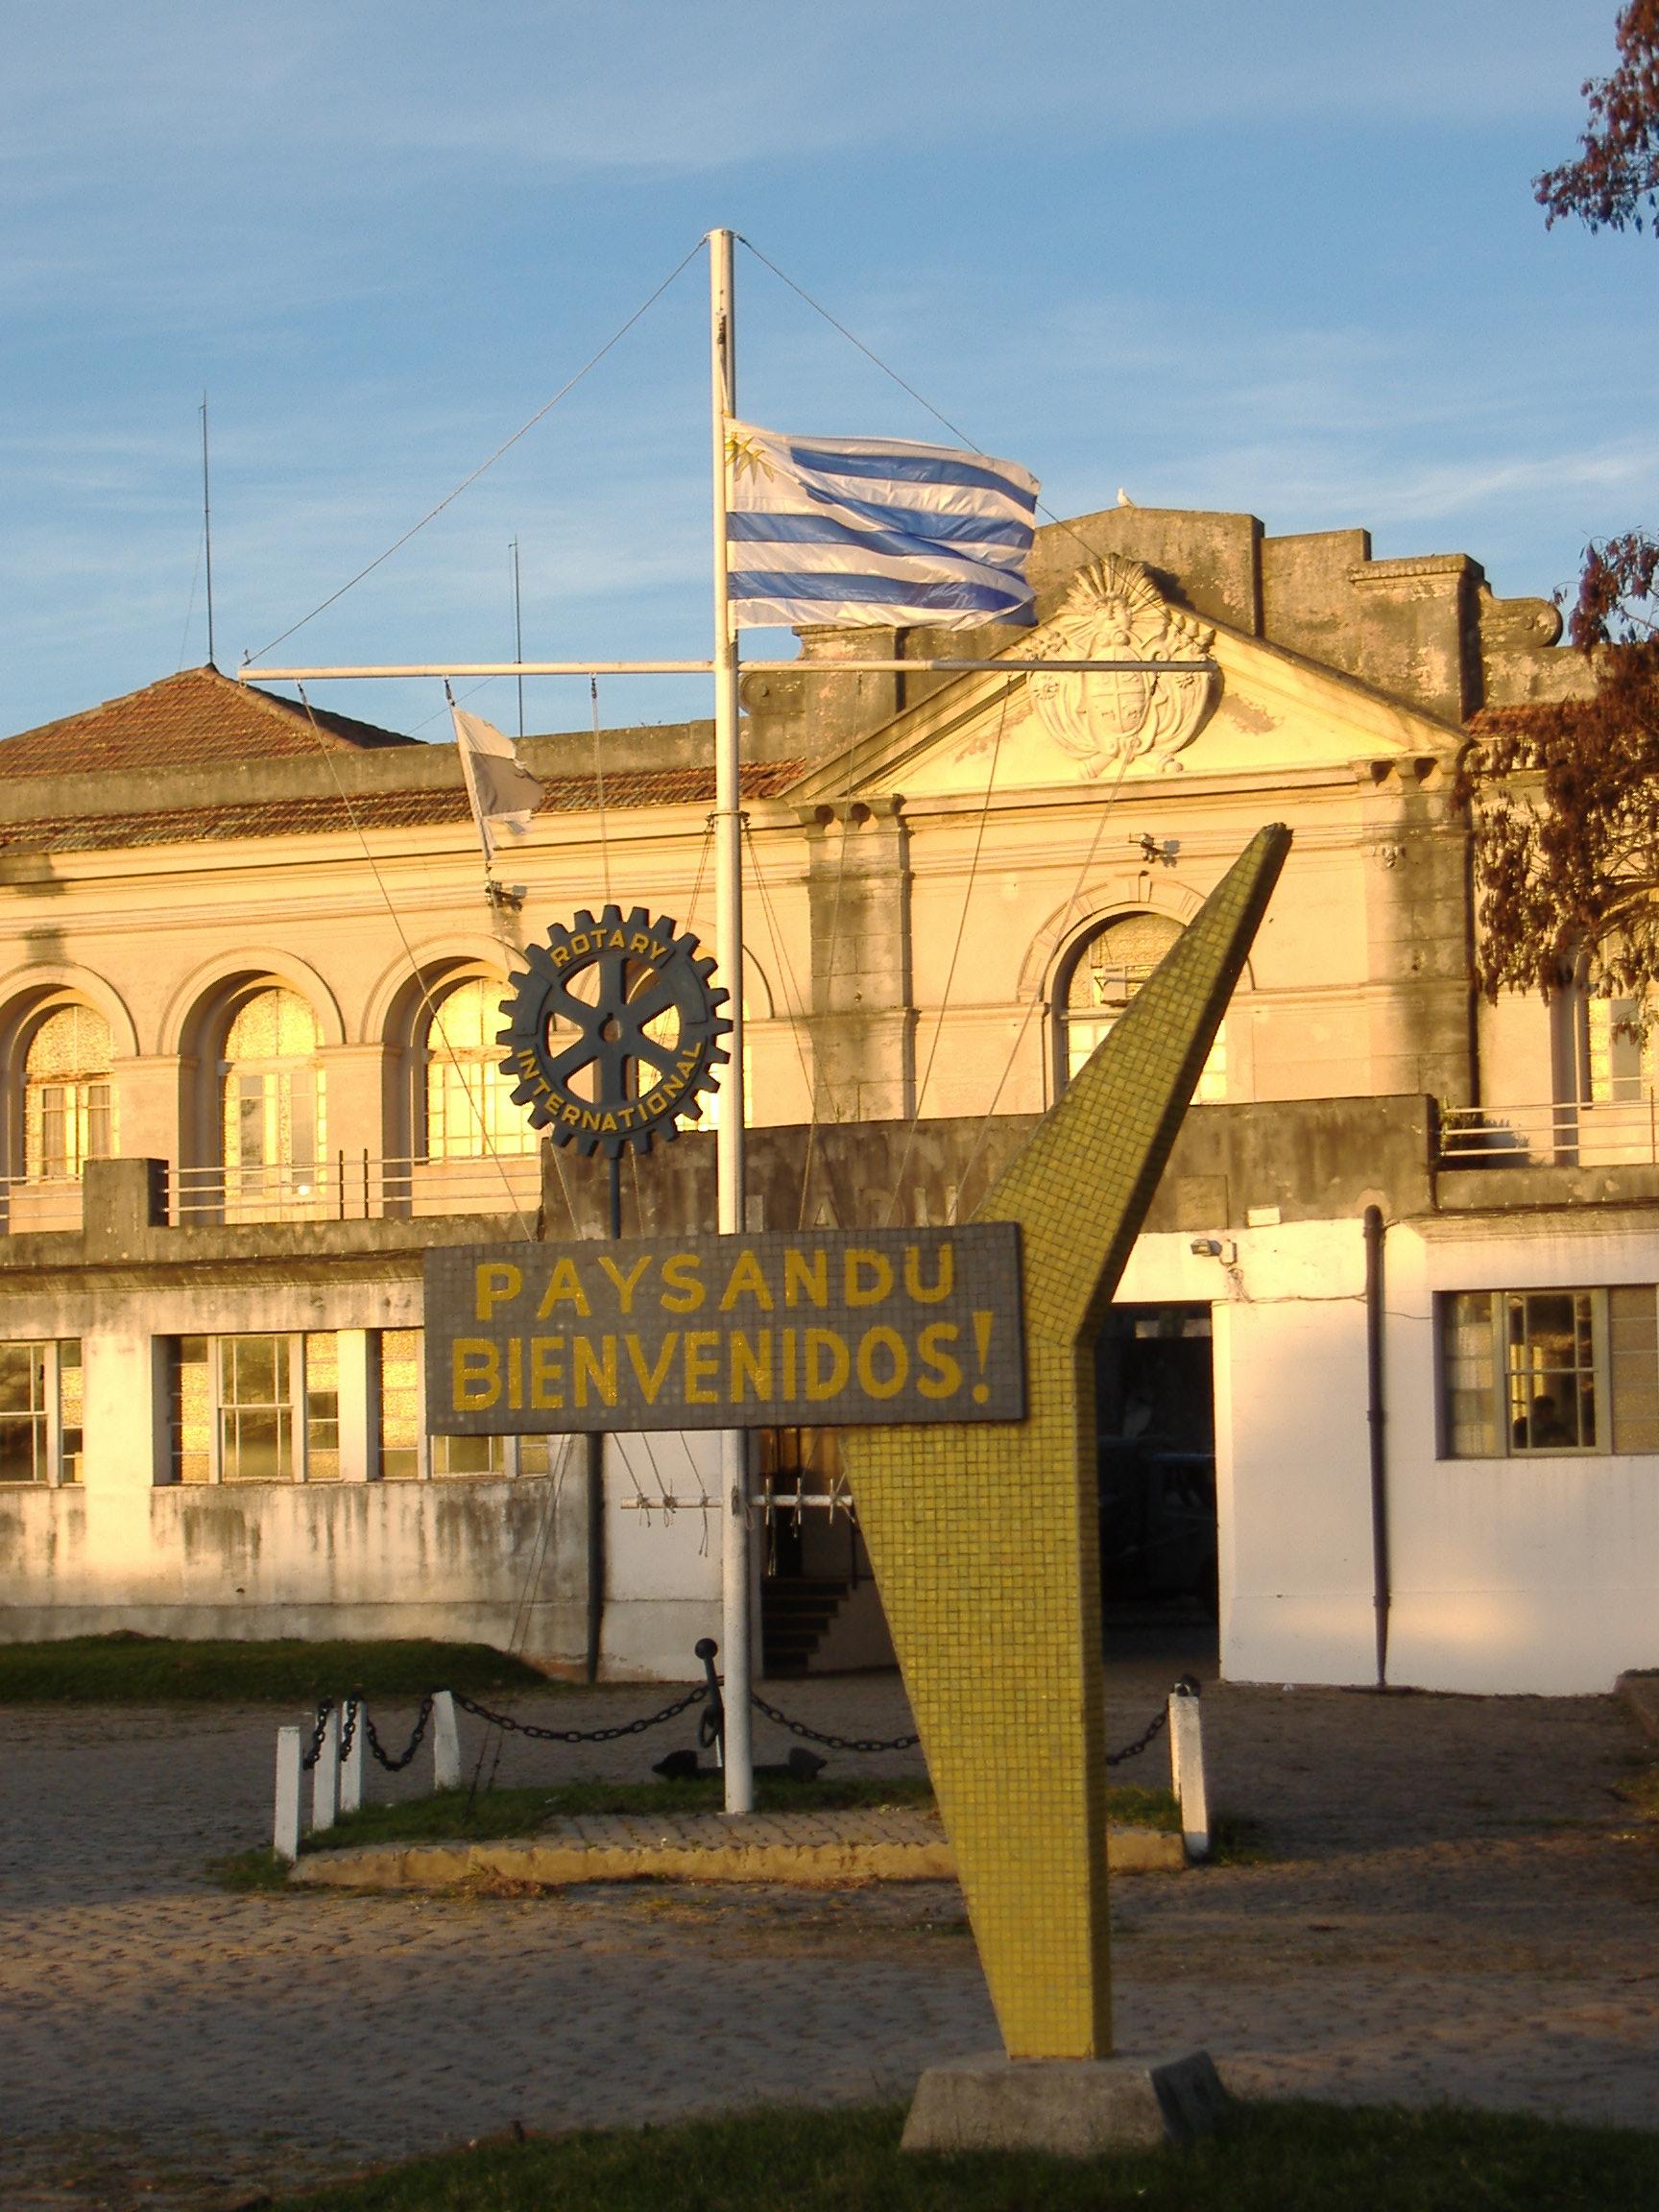 Paysandú: Increíble atractivo turístico de Uruguay